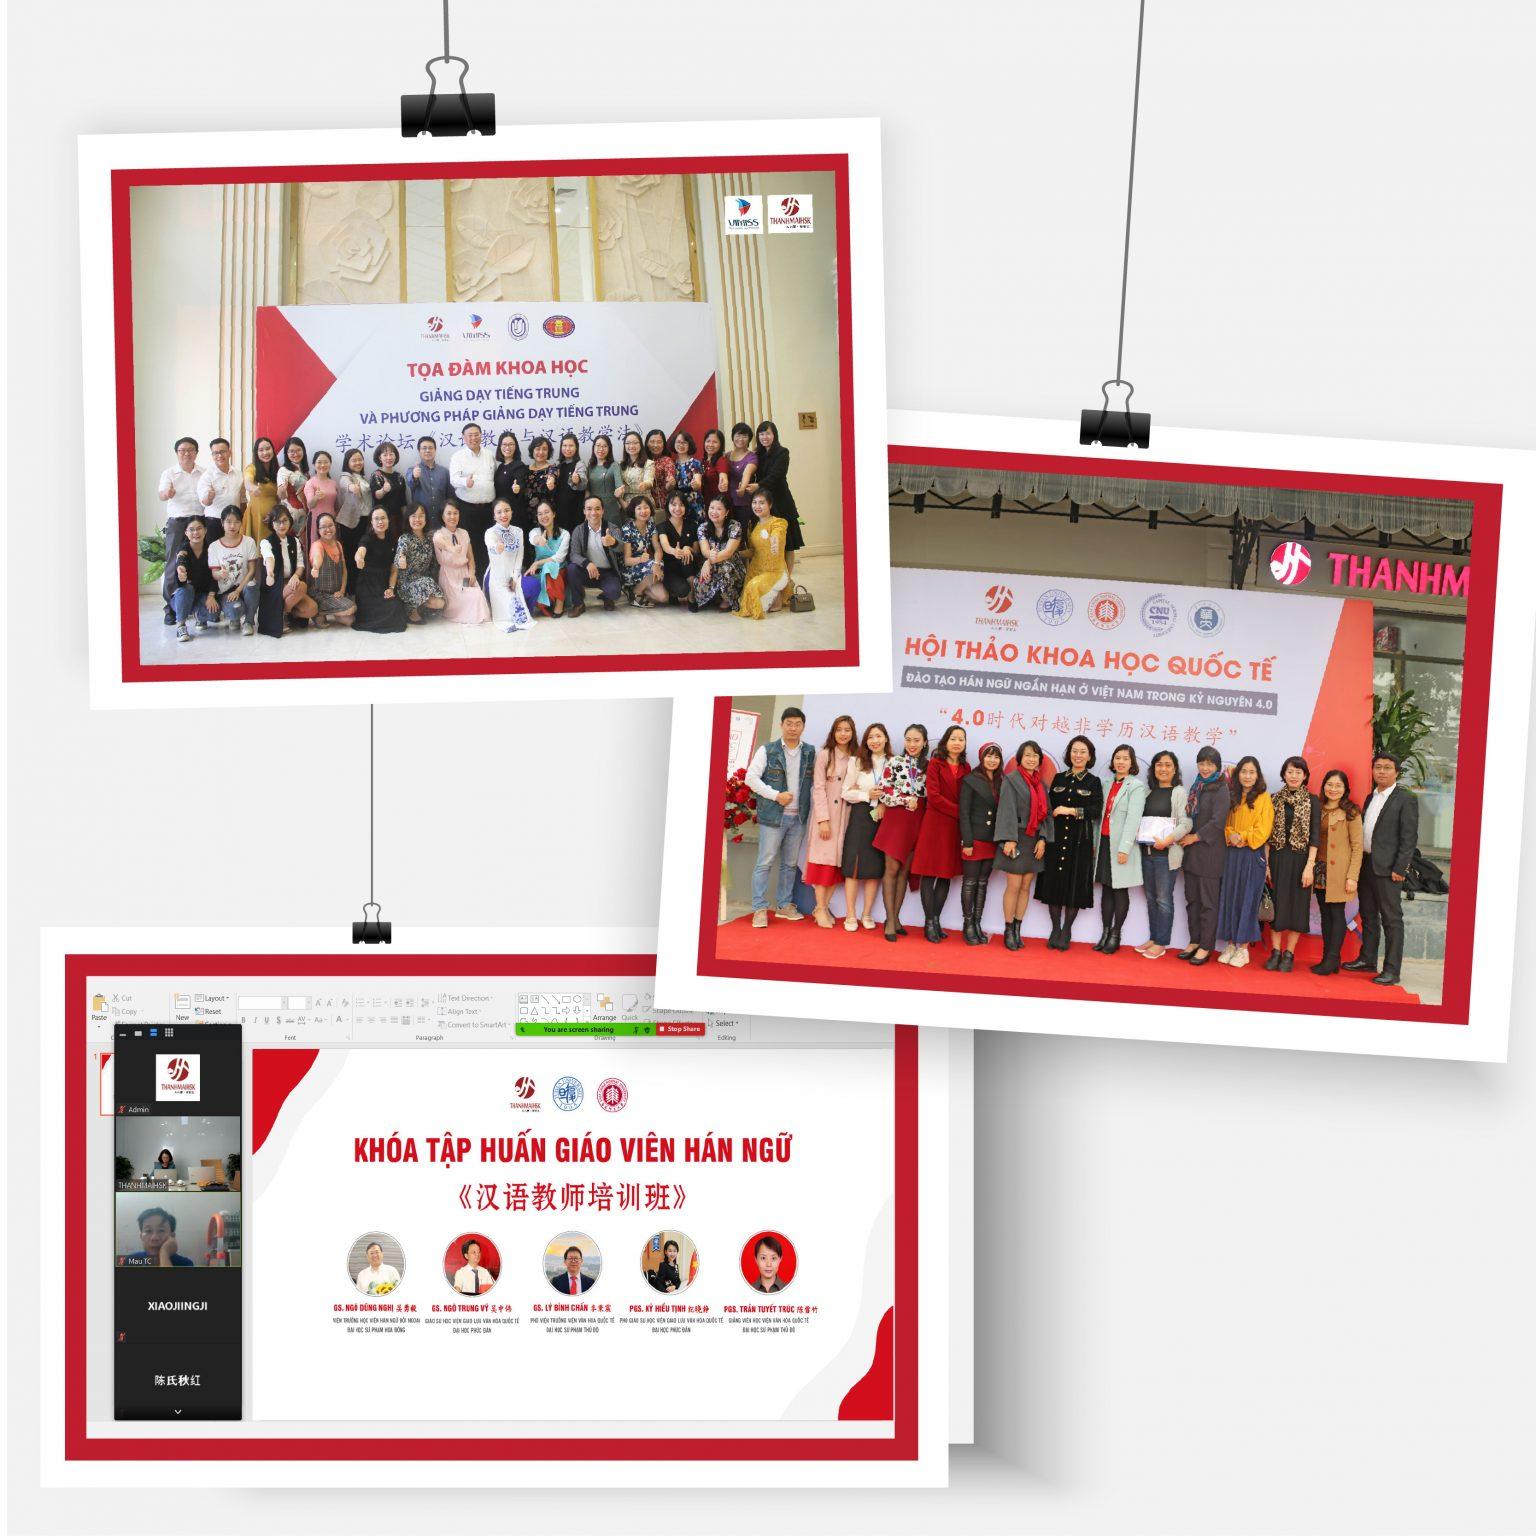 Hình ảnh Top 15 trung tâm tiếng Trung ở Hà Nội tốt hiện nay 2